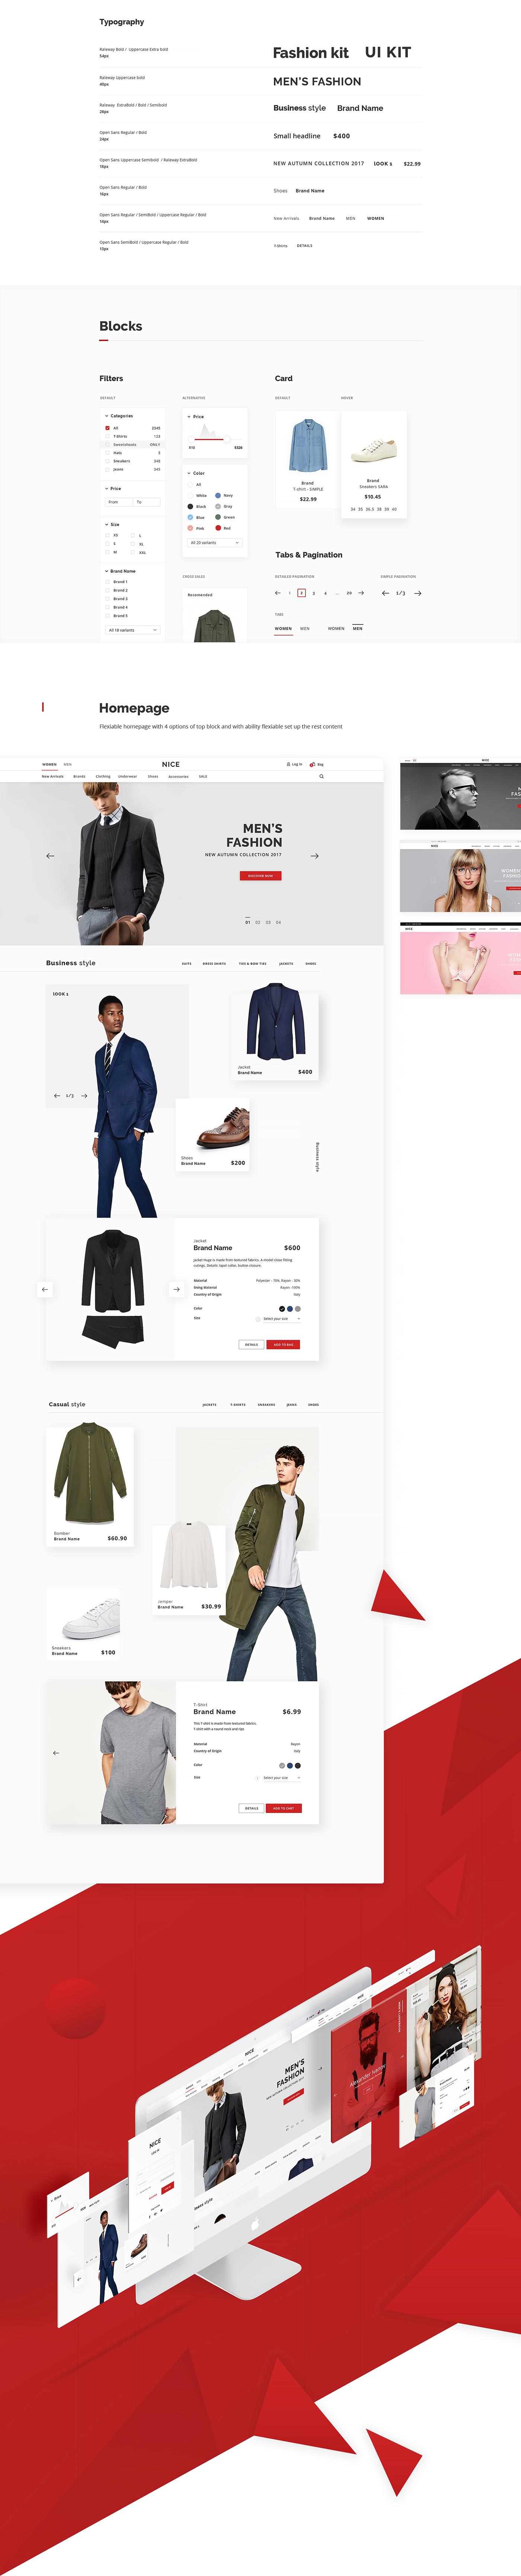 uikit UI kit Fashion  stylish modern red Web webkit